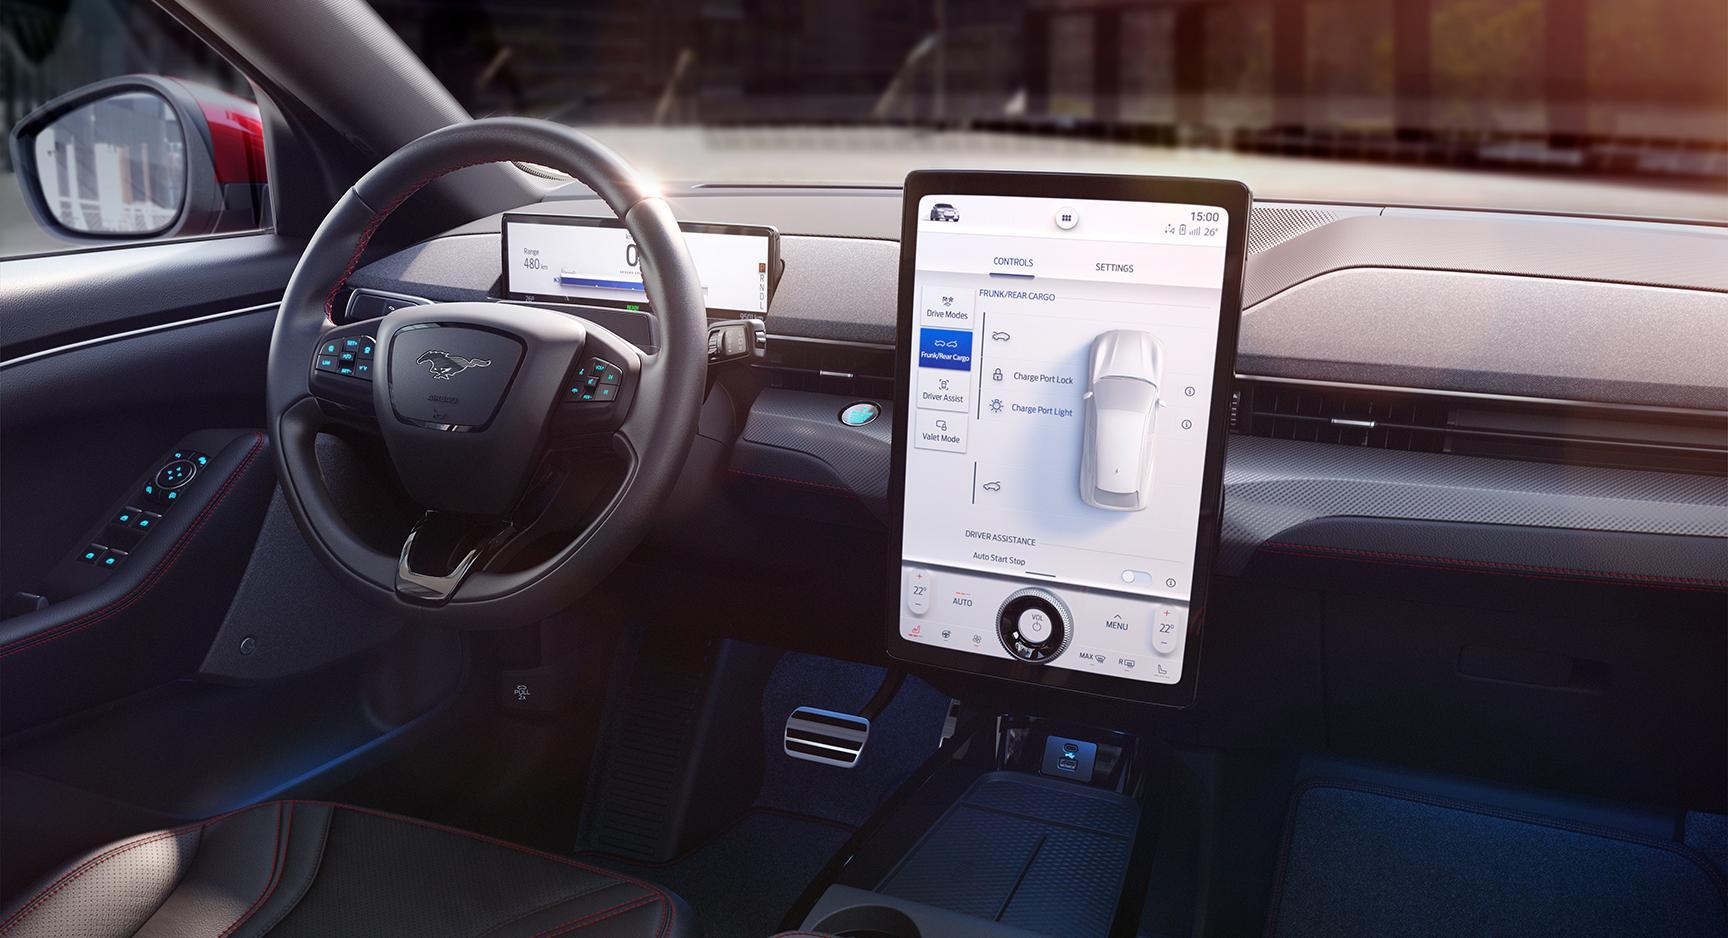 Nouveau Ford Sync. Plus Qu'un Système D'exploitation, Un Assistant Personnel